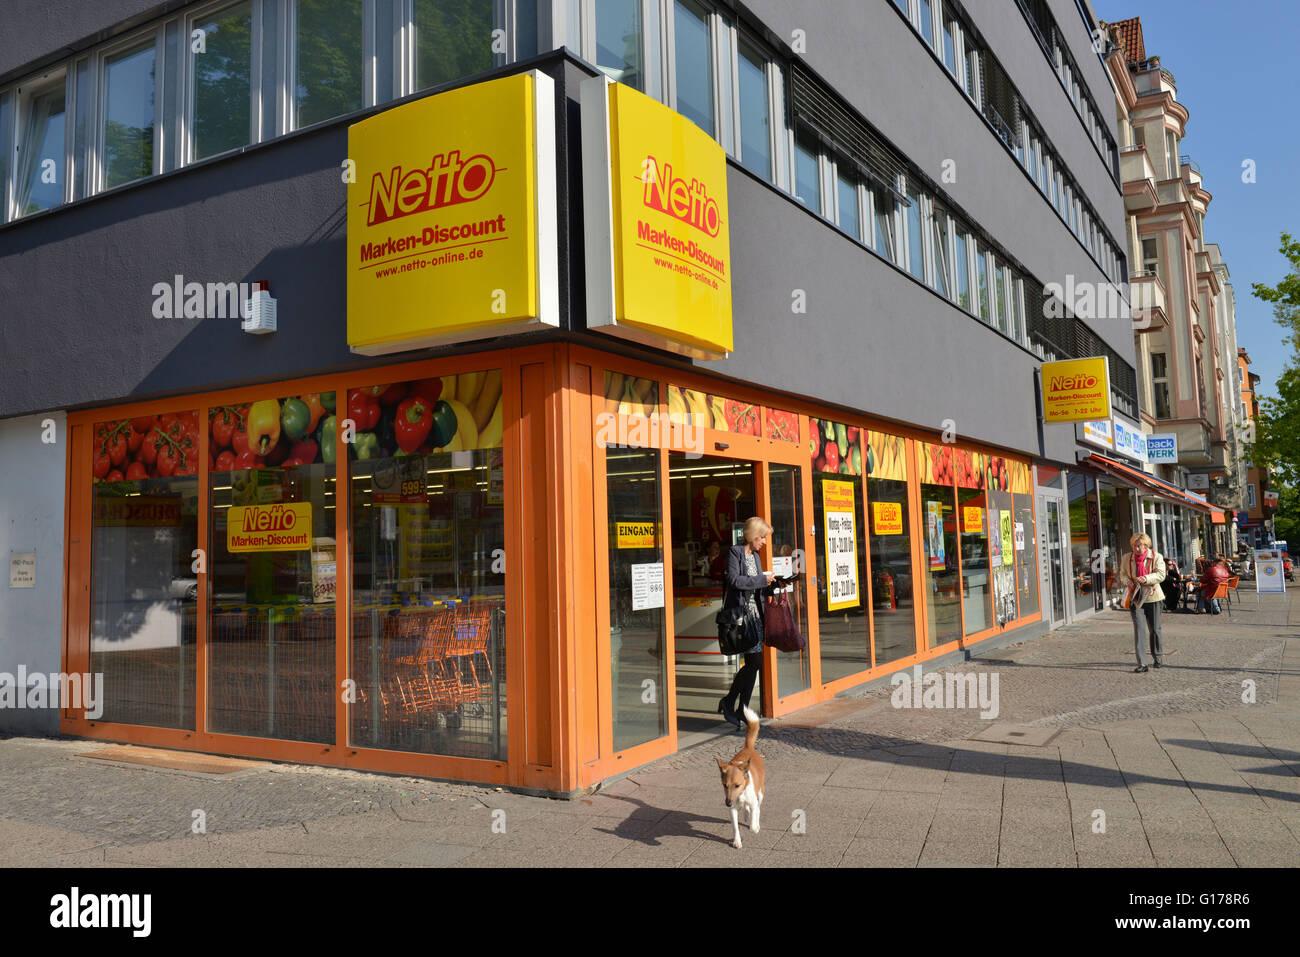 Netto Supermarkt, Berlin, Deutschland Stockfotografie   Alamy